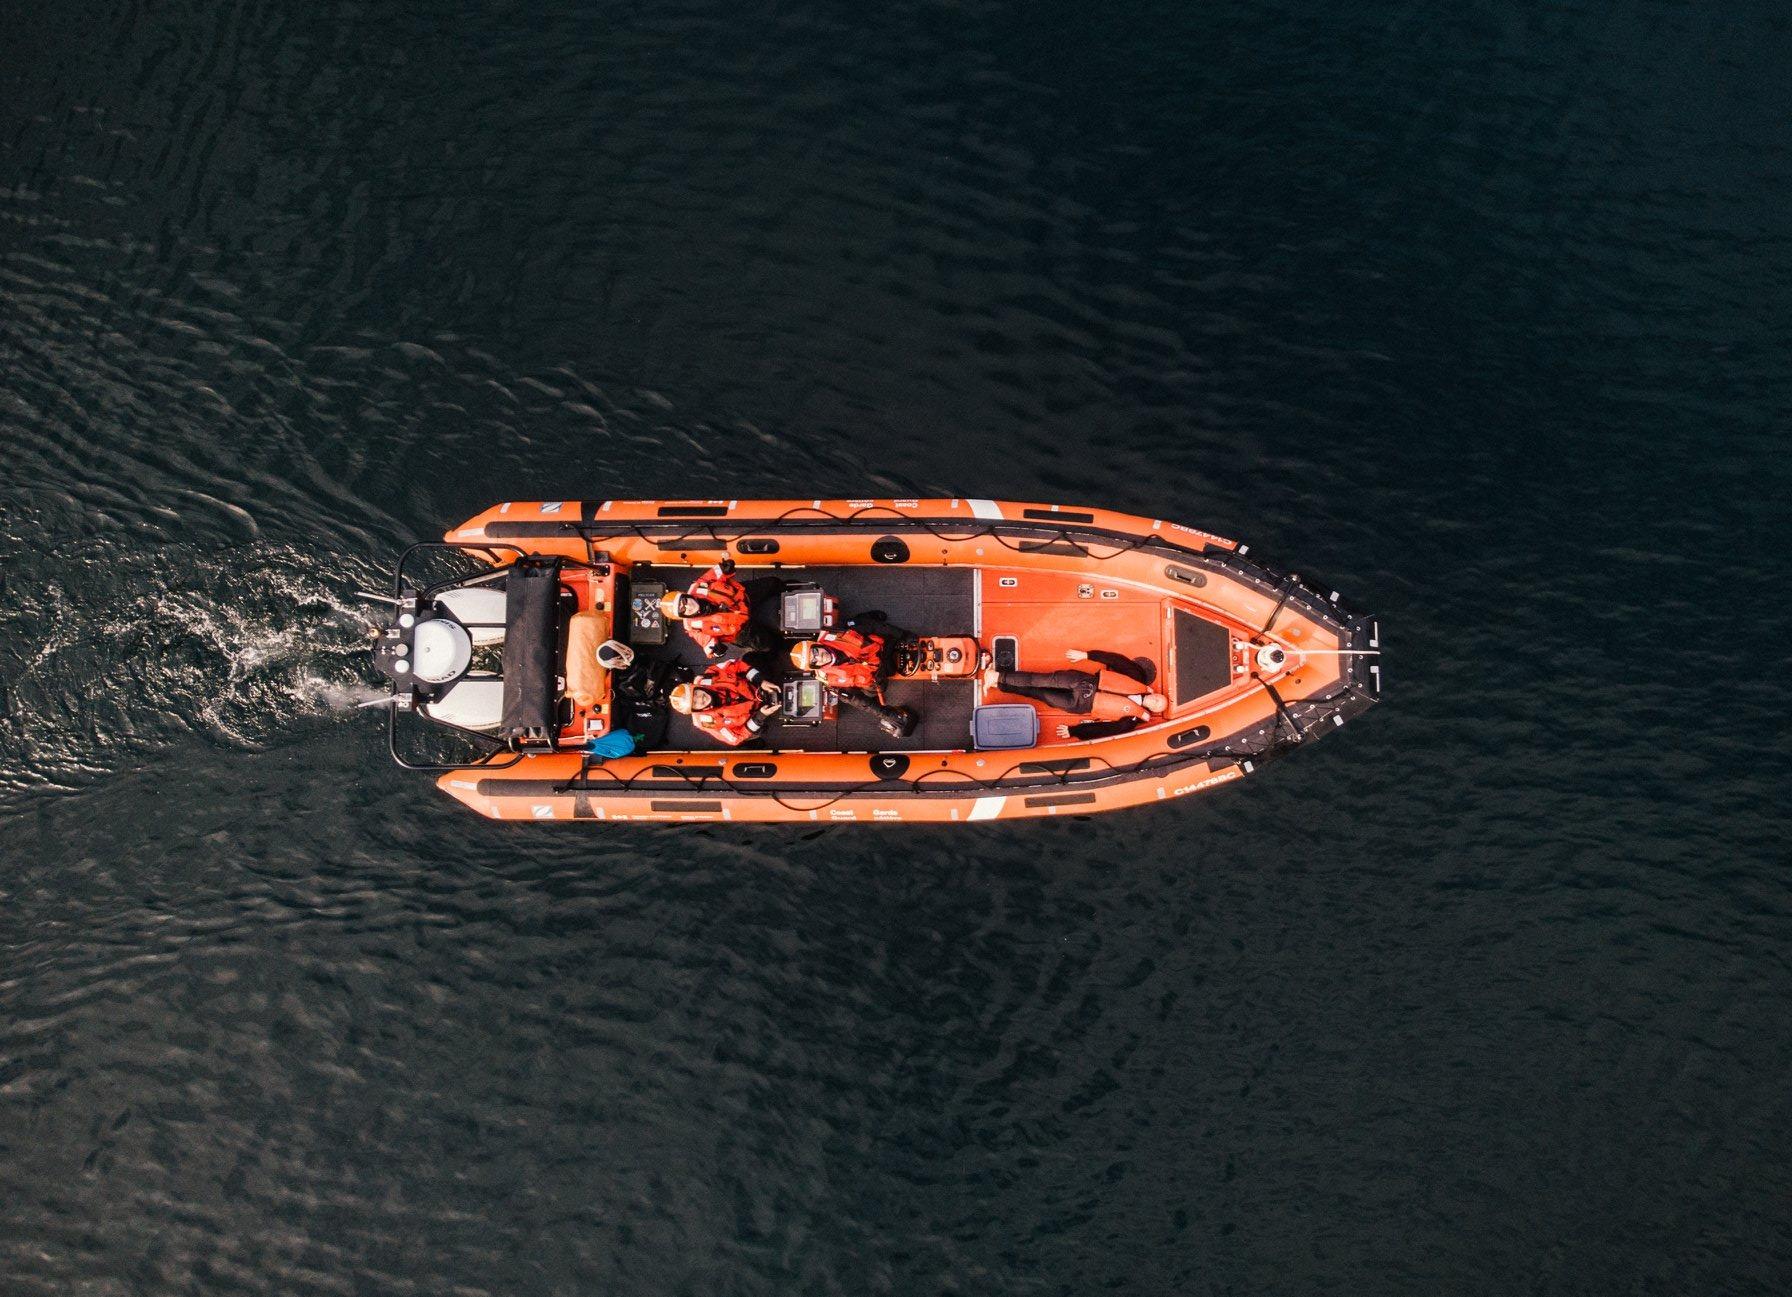 bird's eye view of boat